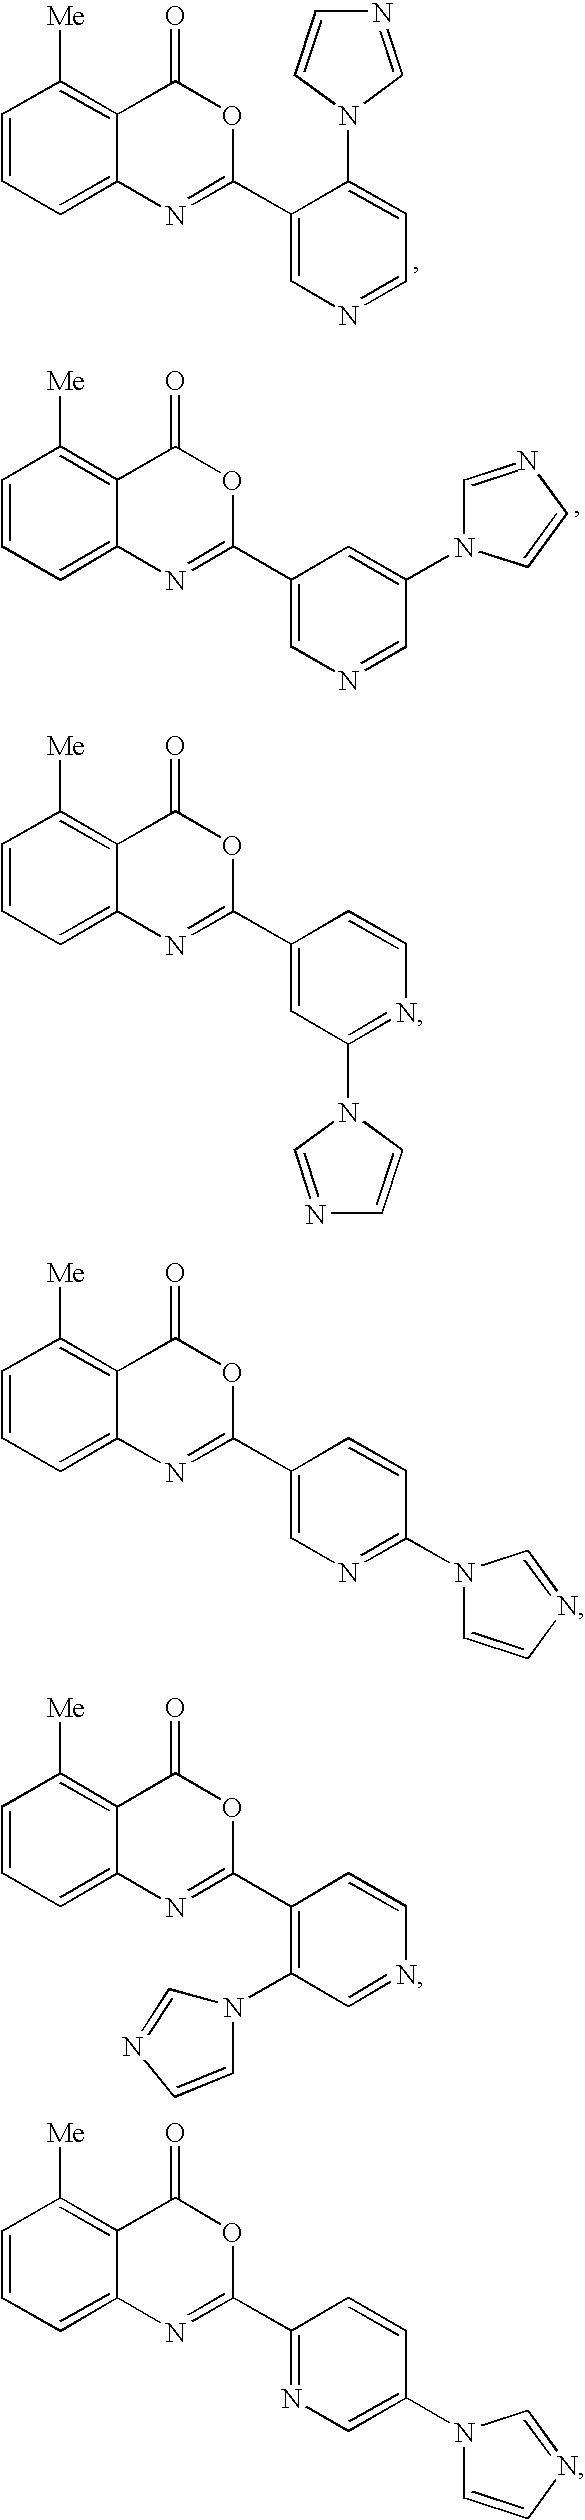 Figure US20080161290A1-20080703-C00037